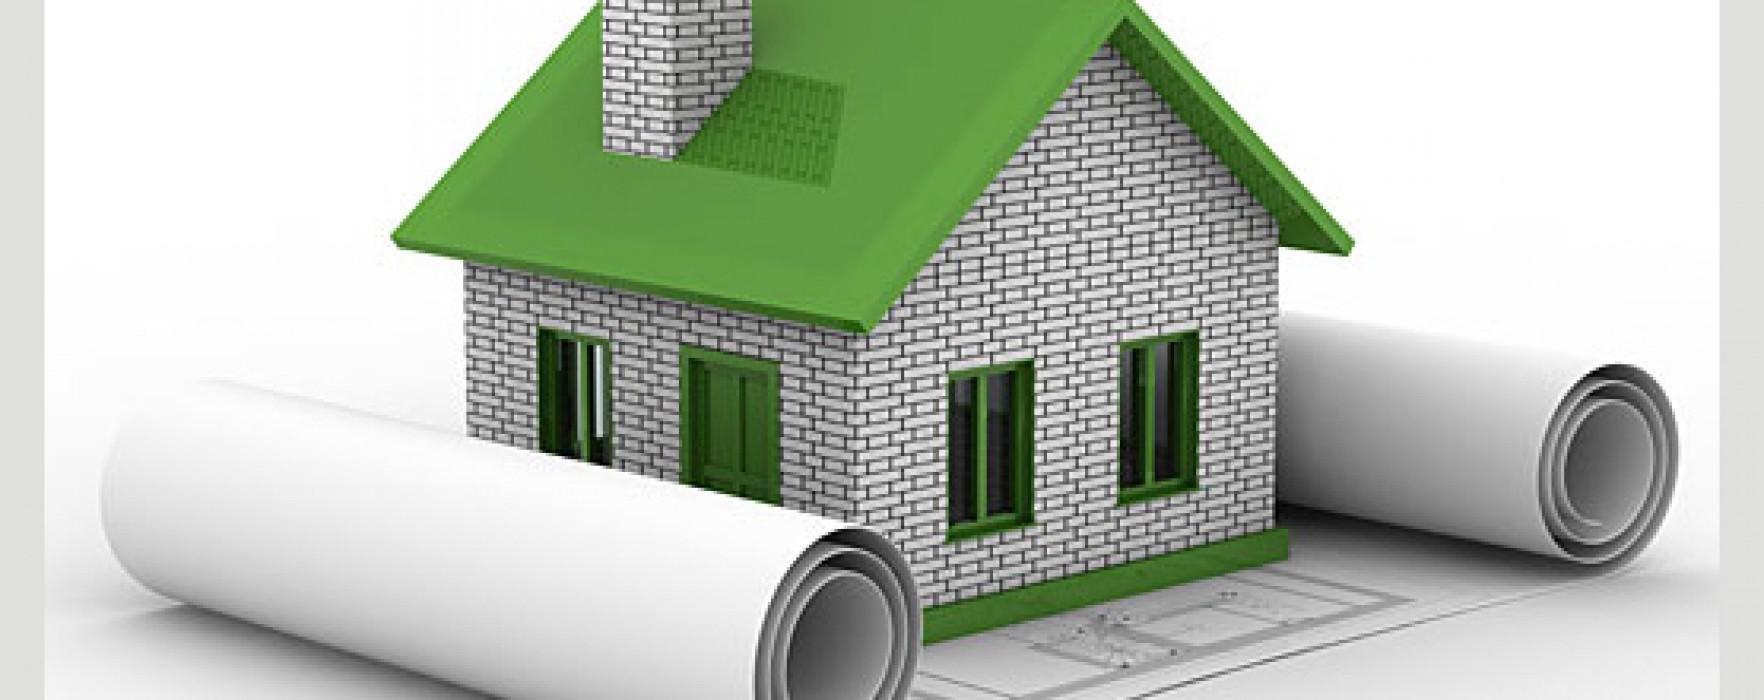 Procura por consórcio de imóveis cresce mais de 50% em sete meses